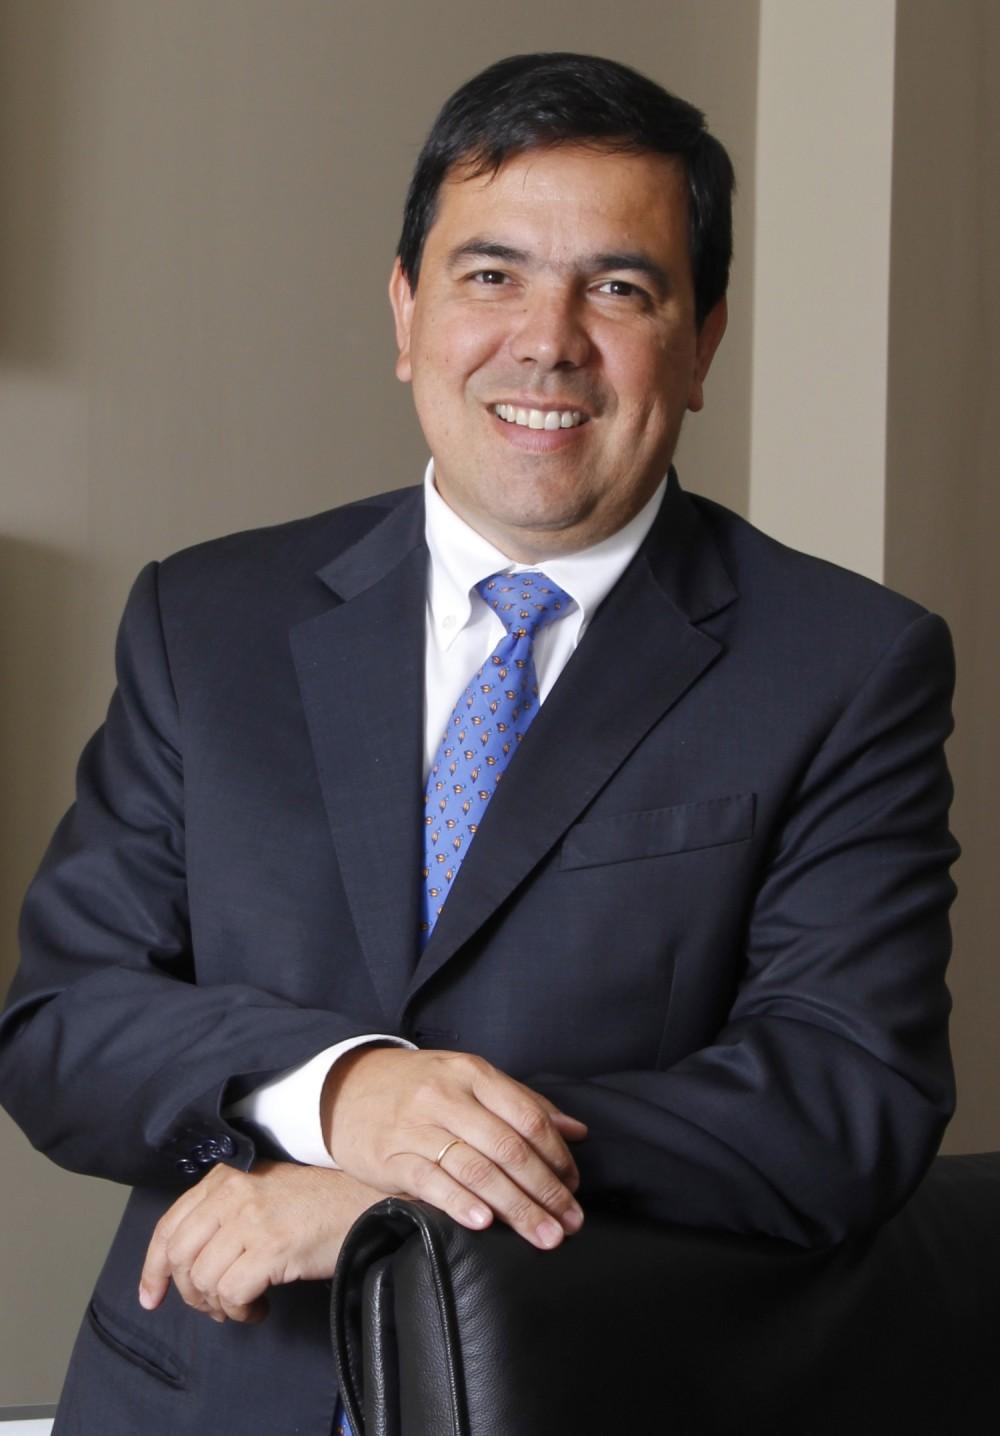 GonzaloDiaz